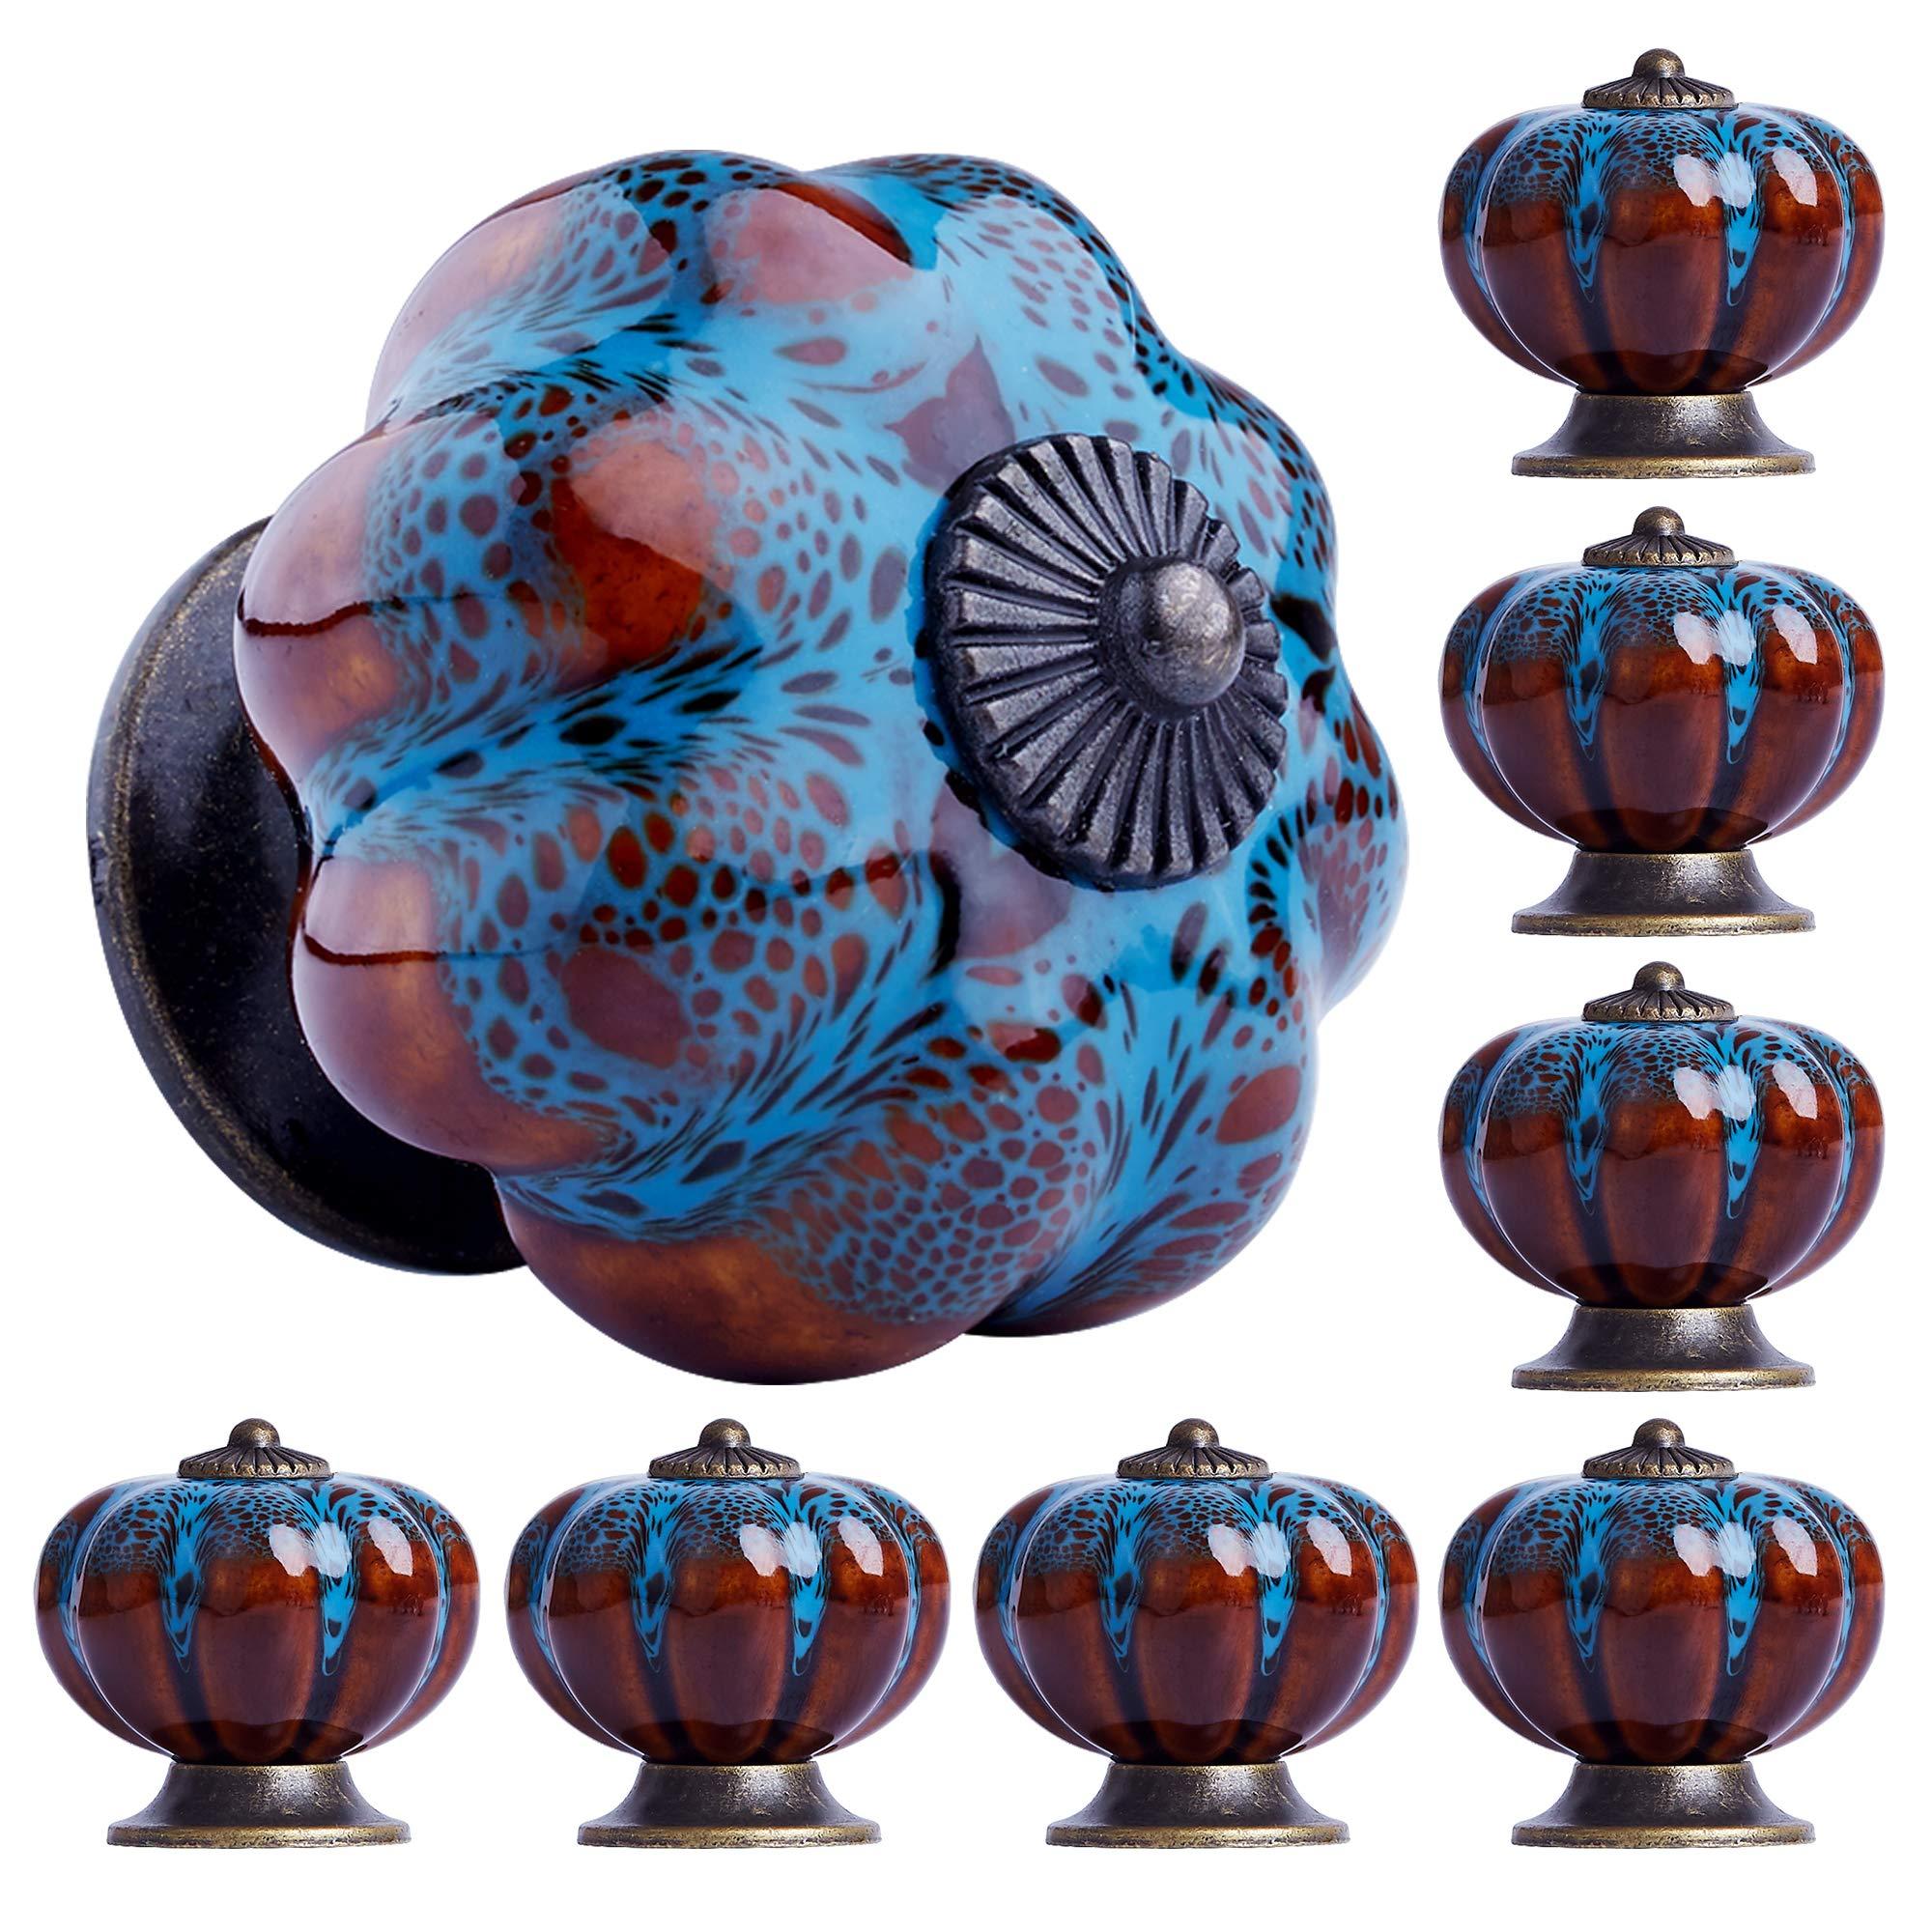 8 Tiradores de Ceramica / Porcelana (81CJ14RC)